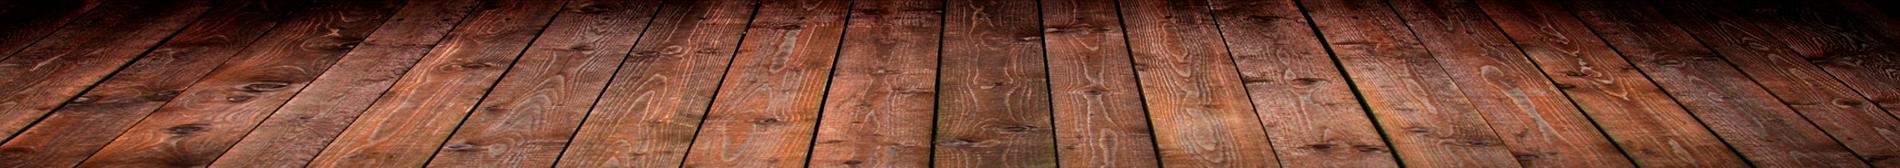 Footprints-Webseiten-Wix-Fussboden.png